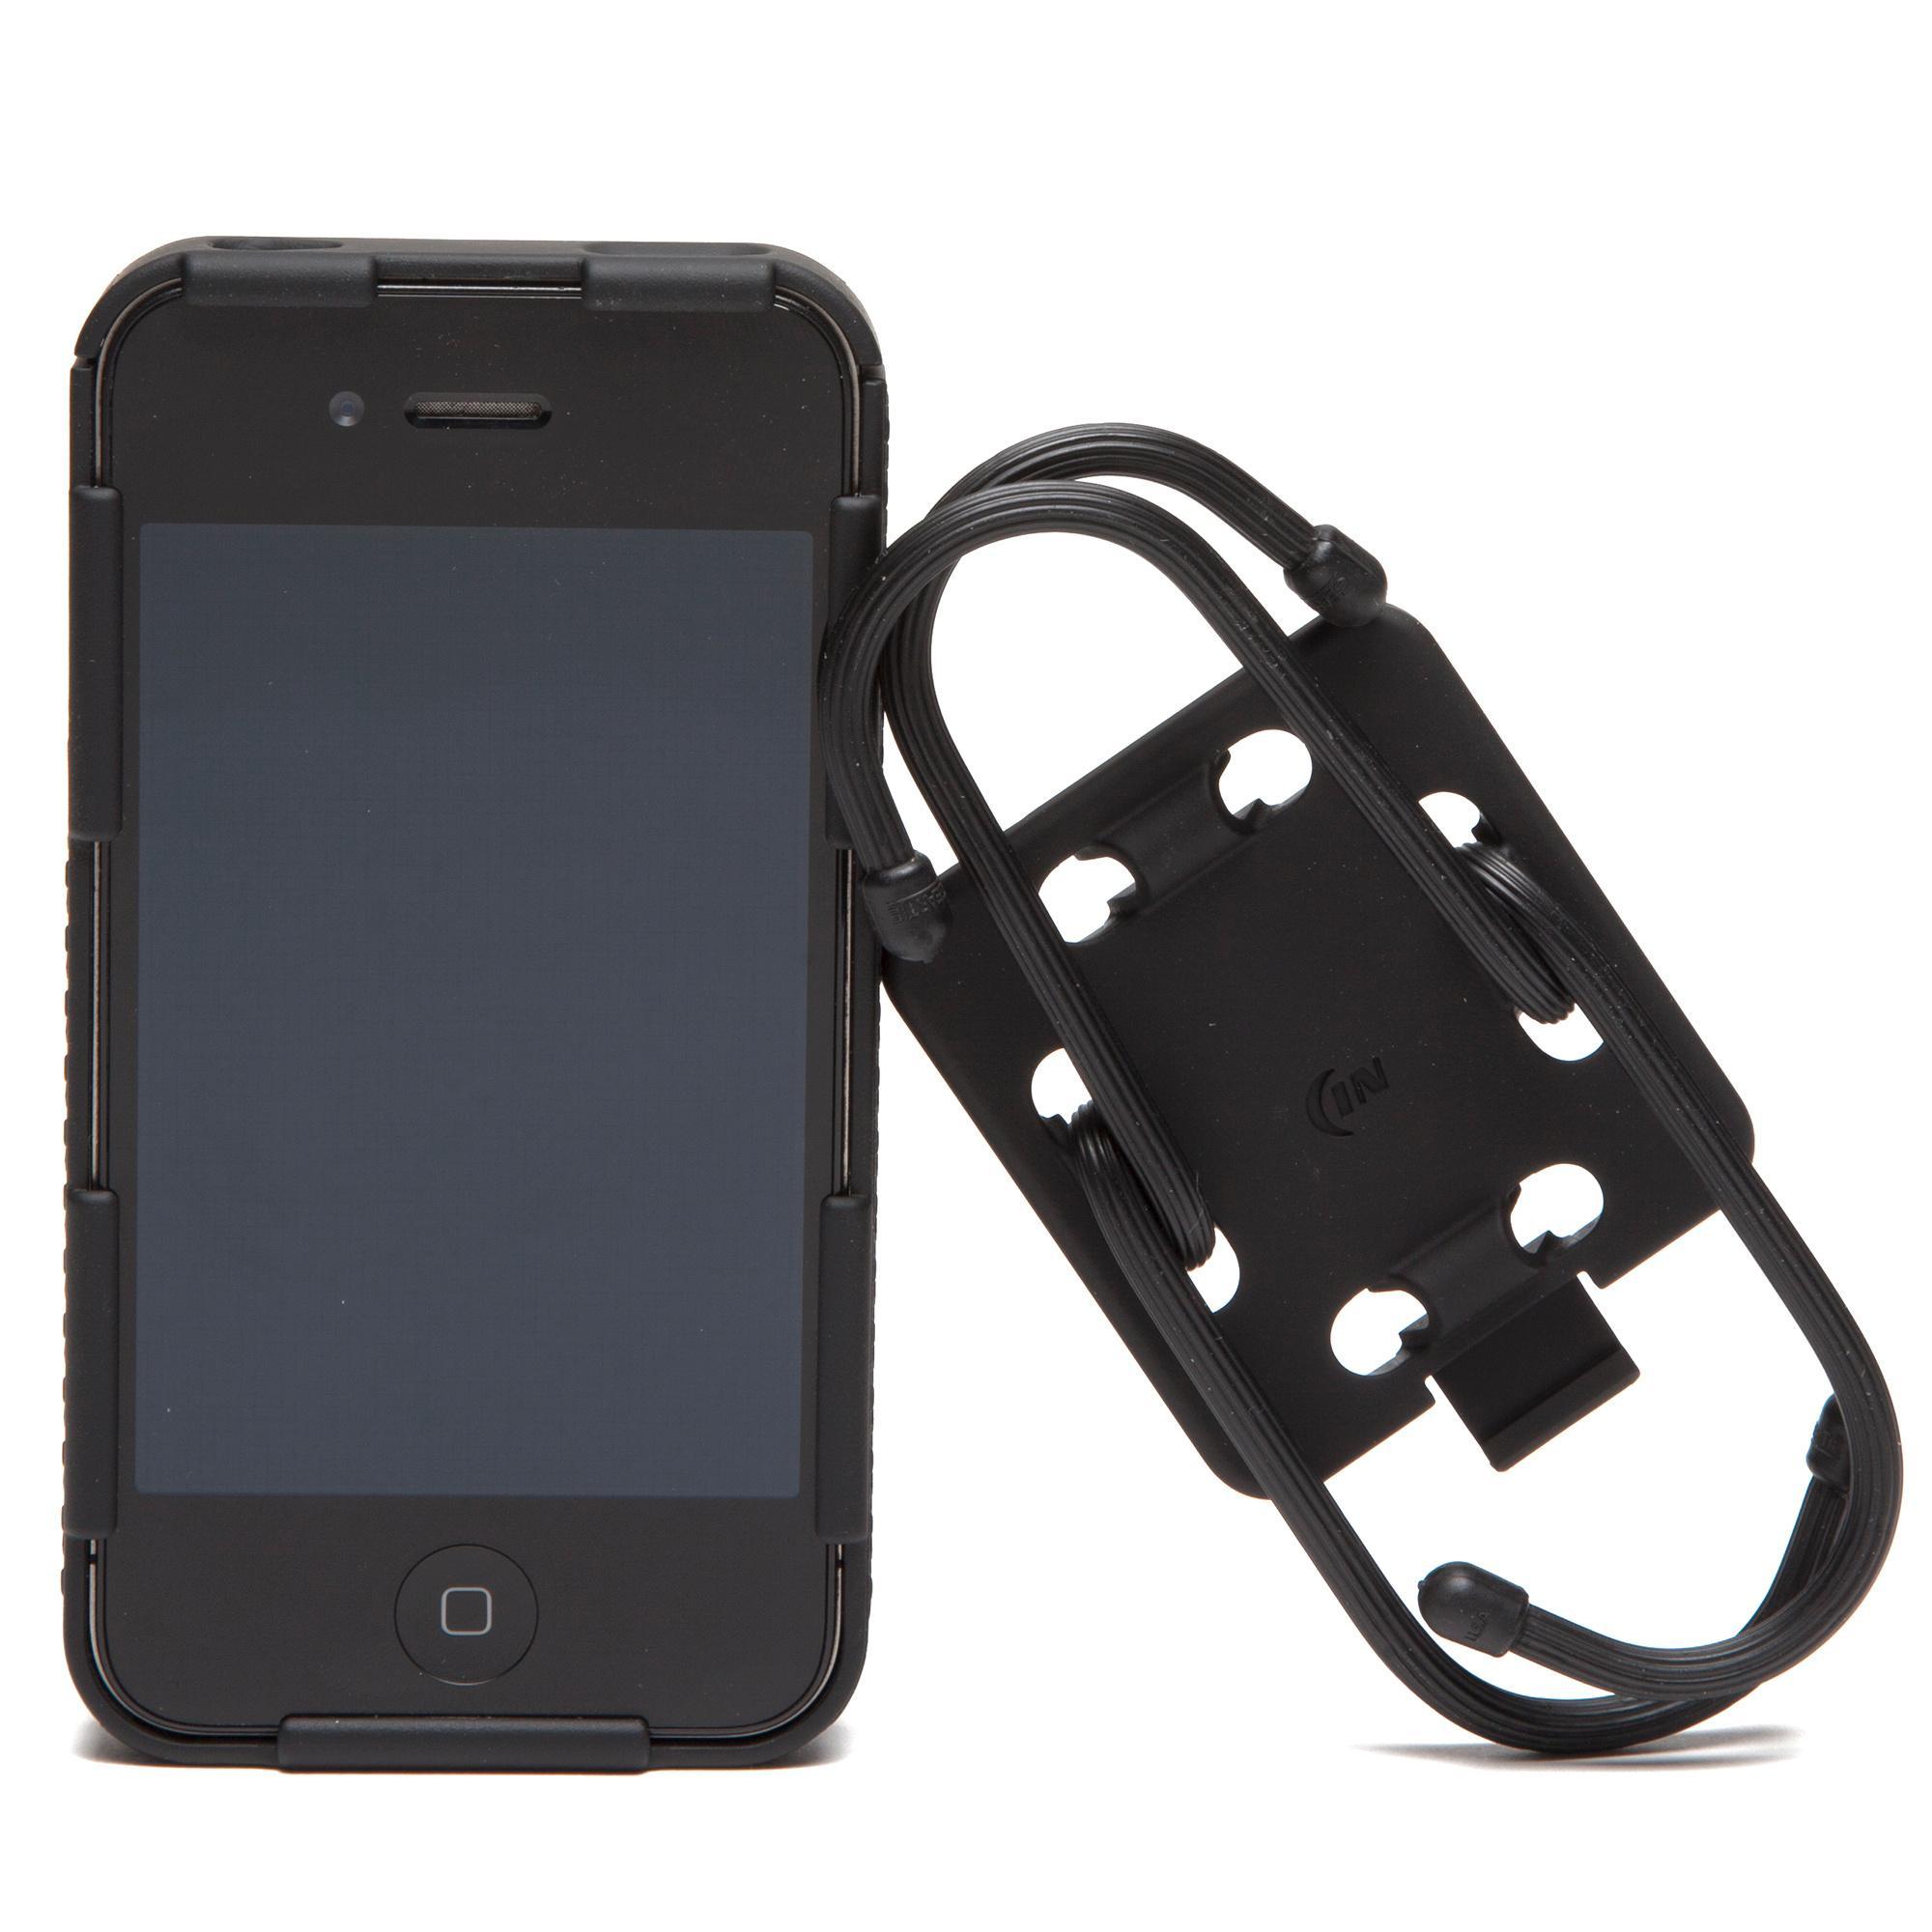 Niteize Niteize Connect Case and Mobile Mount - Black, Black